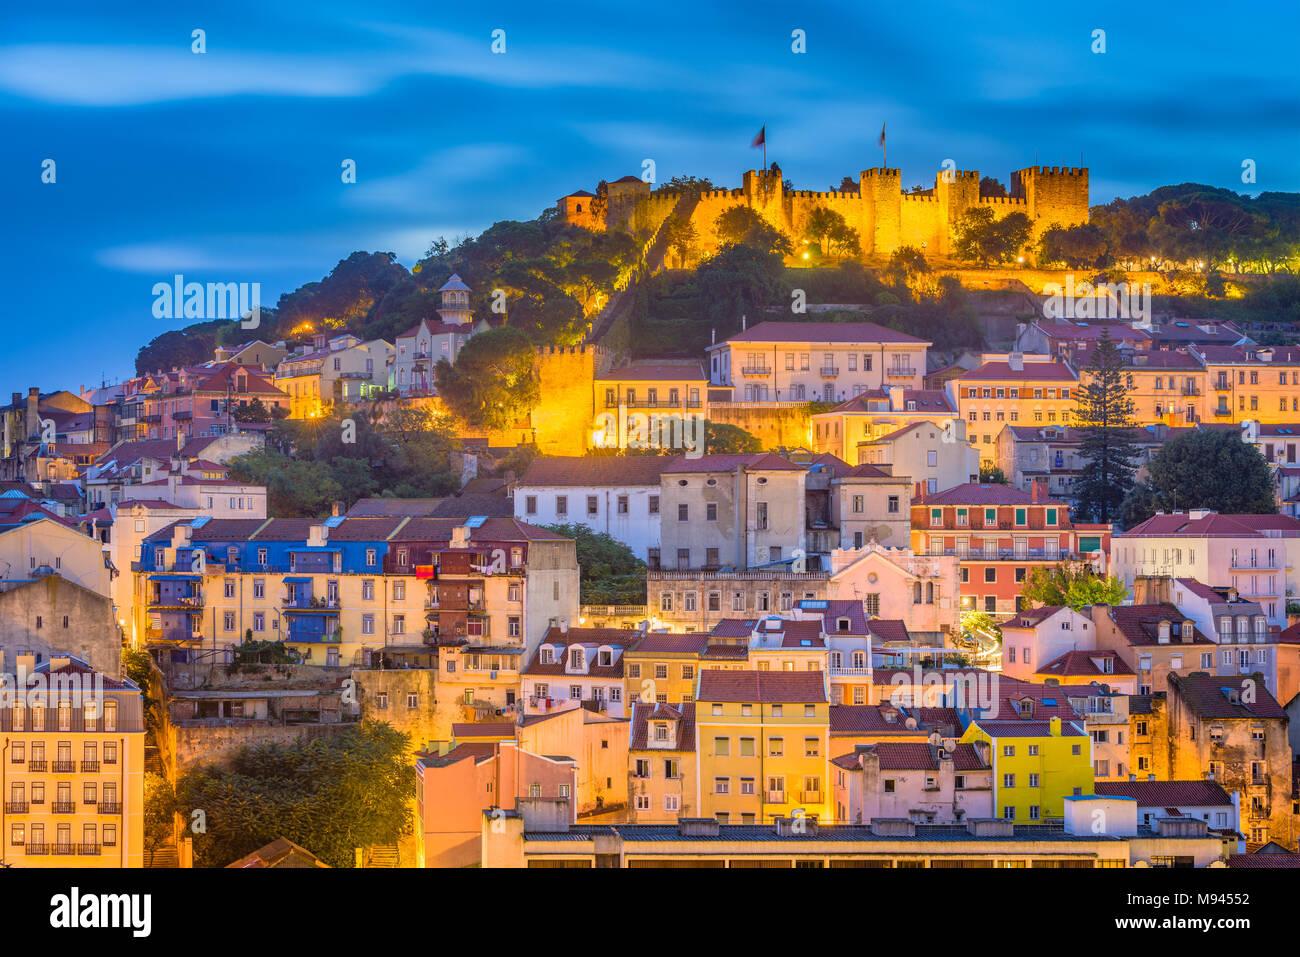 Lisbonne, Portugal Ville avec le Château Sao Jorge et le fleuve Tage. Photo Stock